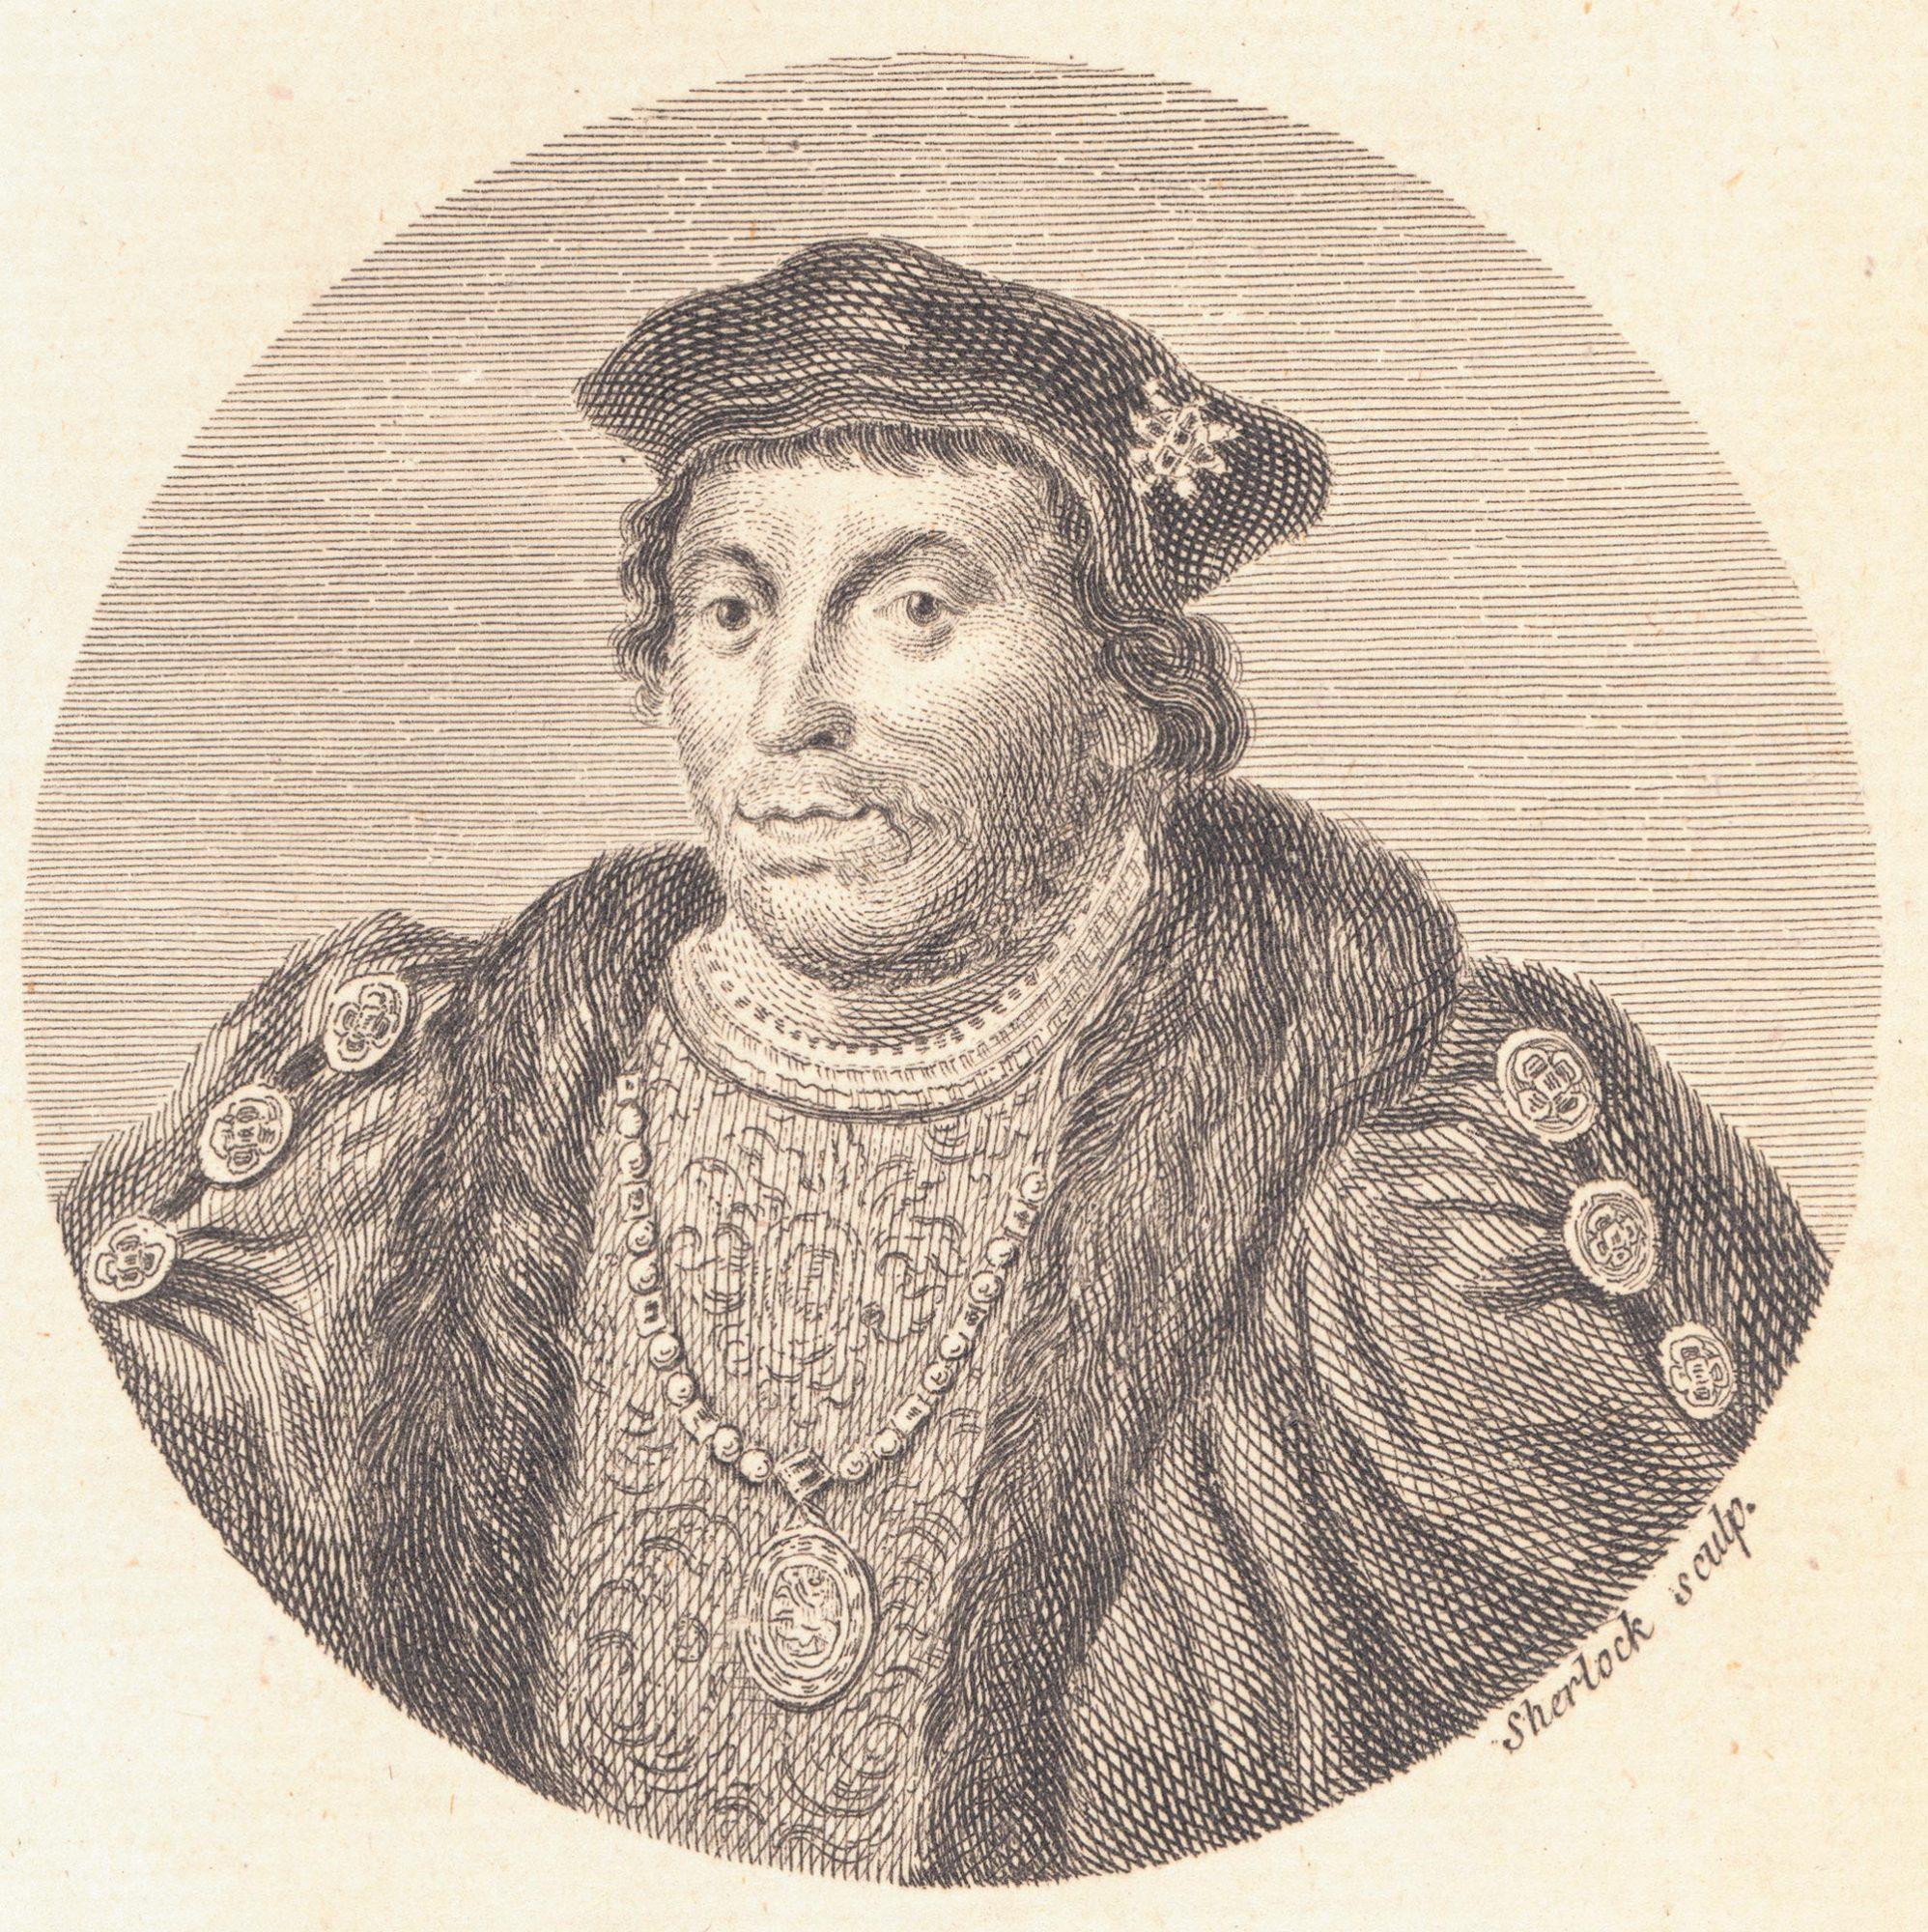 Edward Stafford